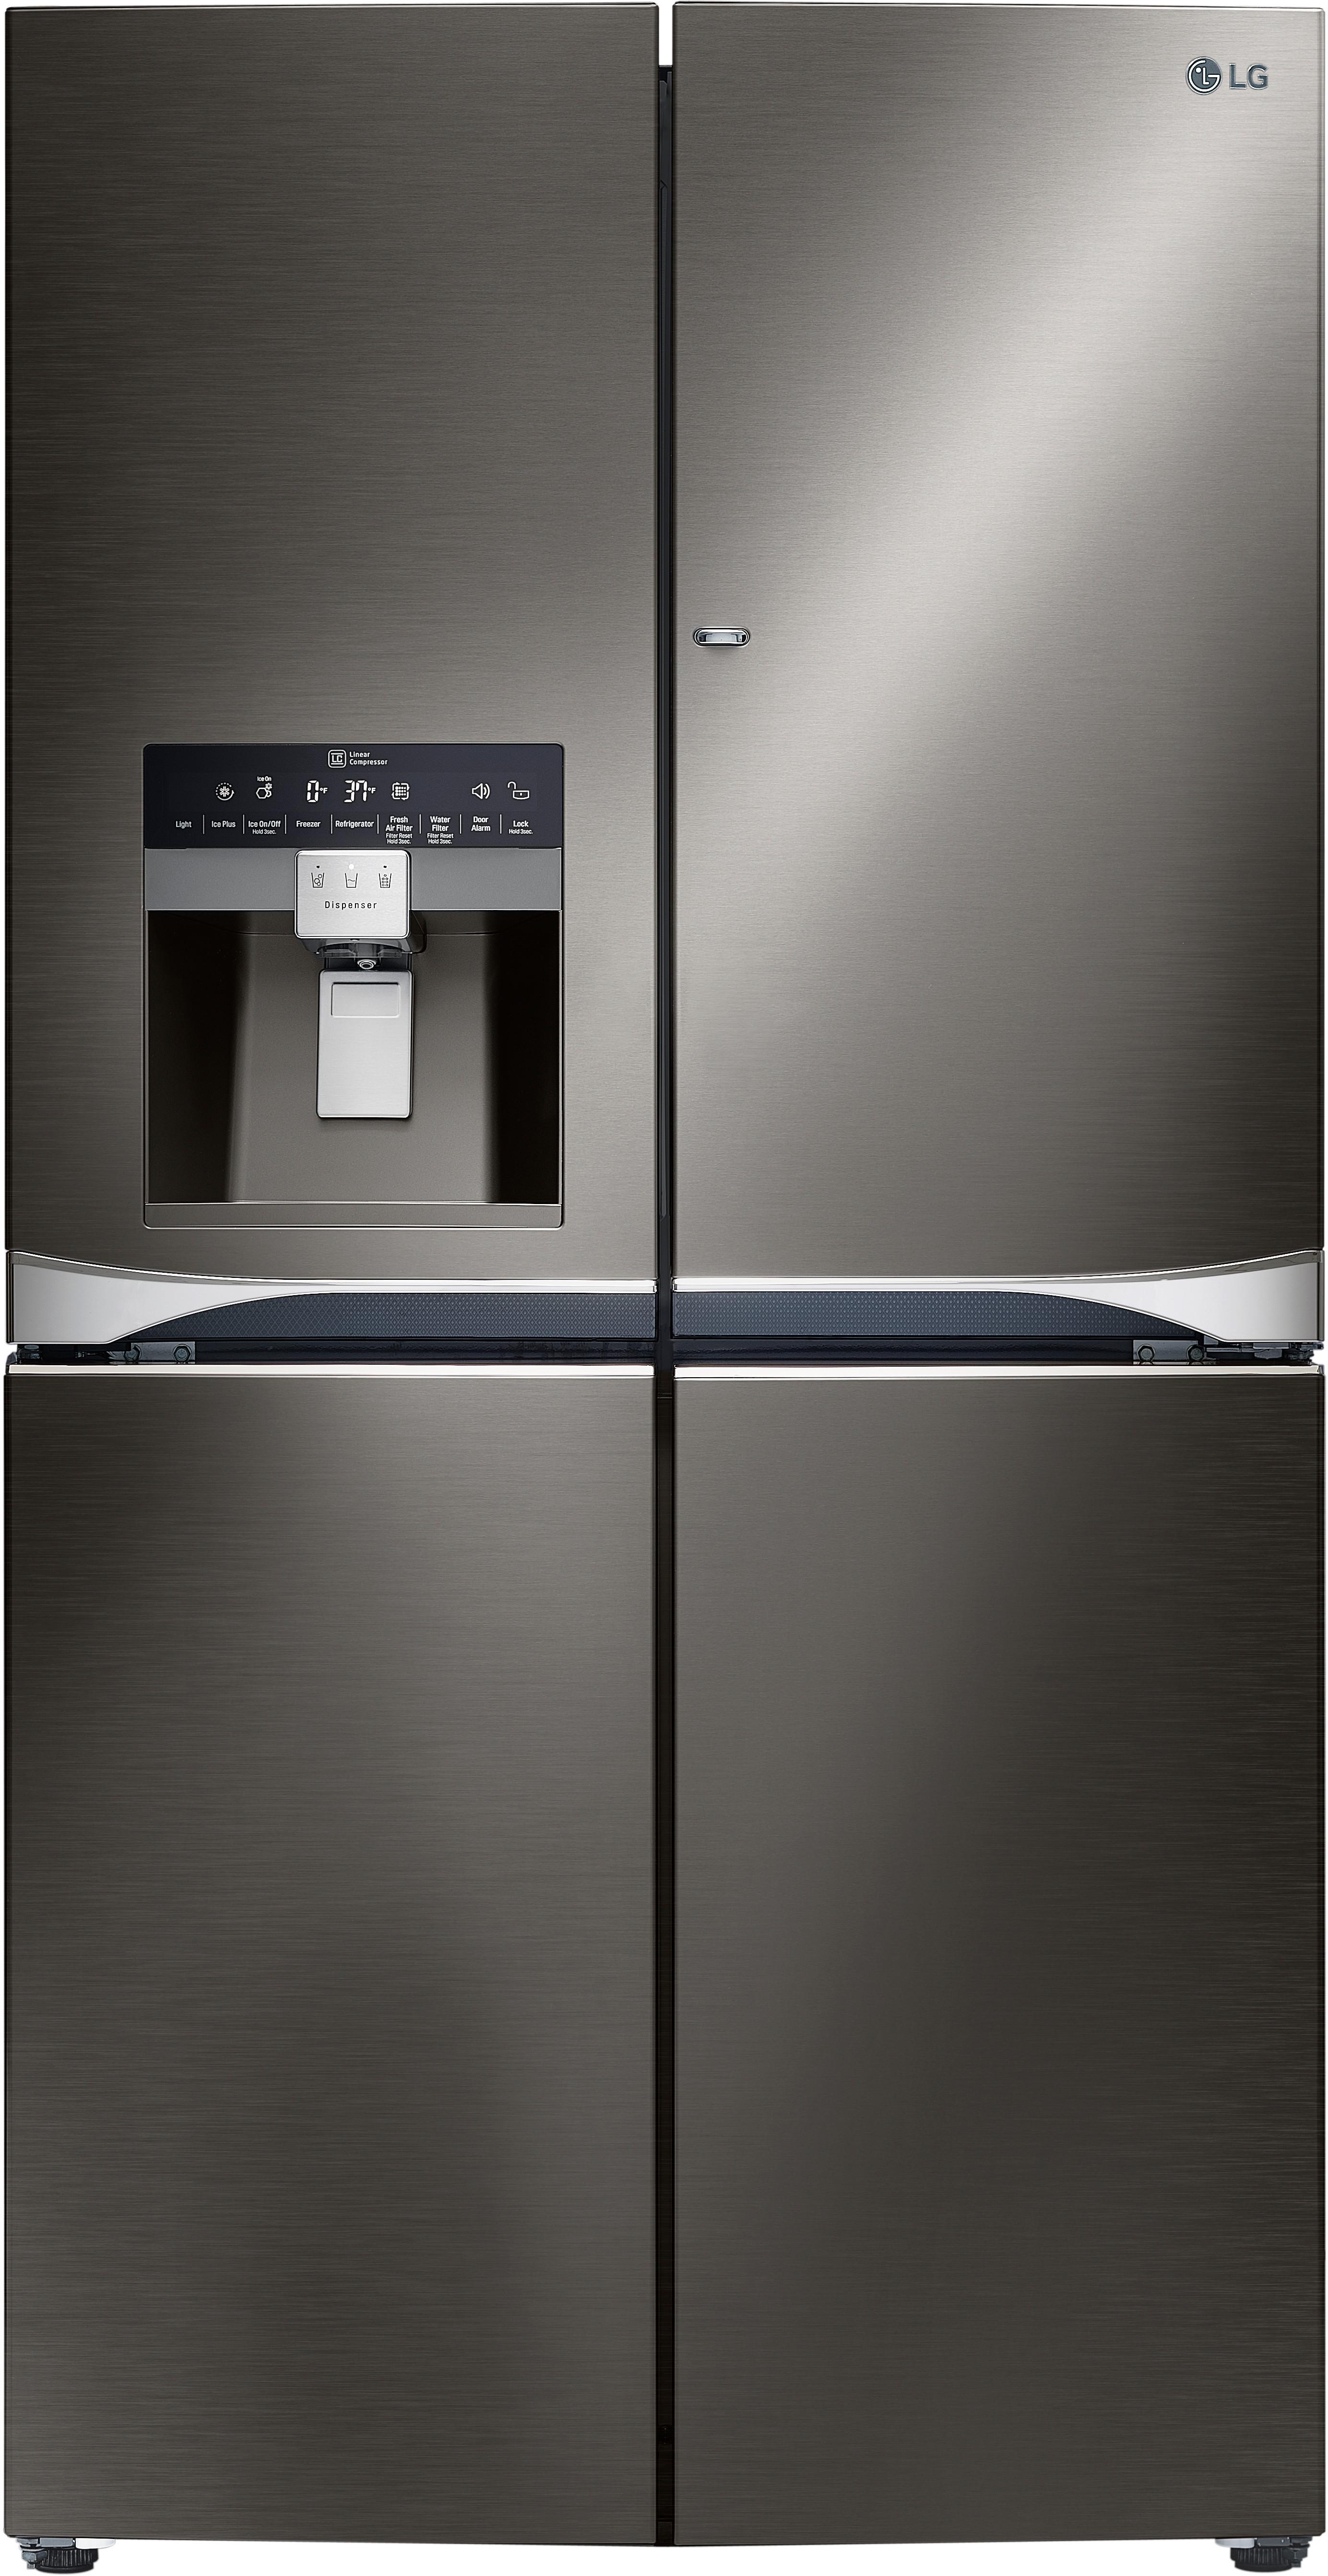 LG LPXS30866 36 Inch French Door Refrigerator With 30 Cu. Ft. Capacity, 4  Adjustable Glass Selves, Door In Door, Gallon Door Storage, Smart Cooling  Plus ...